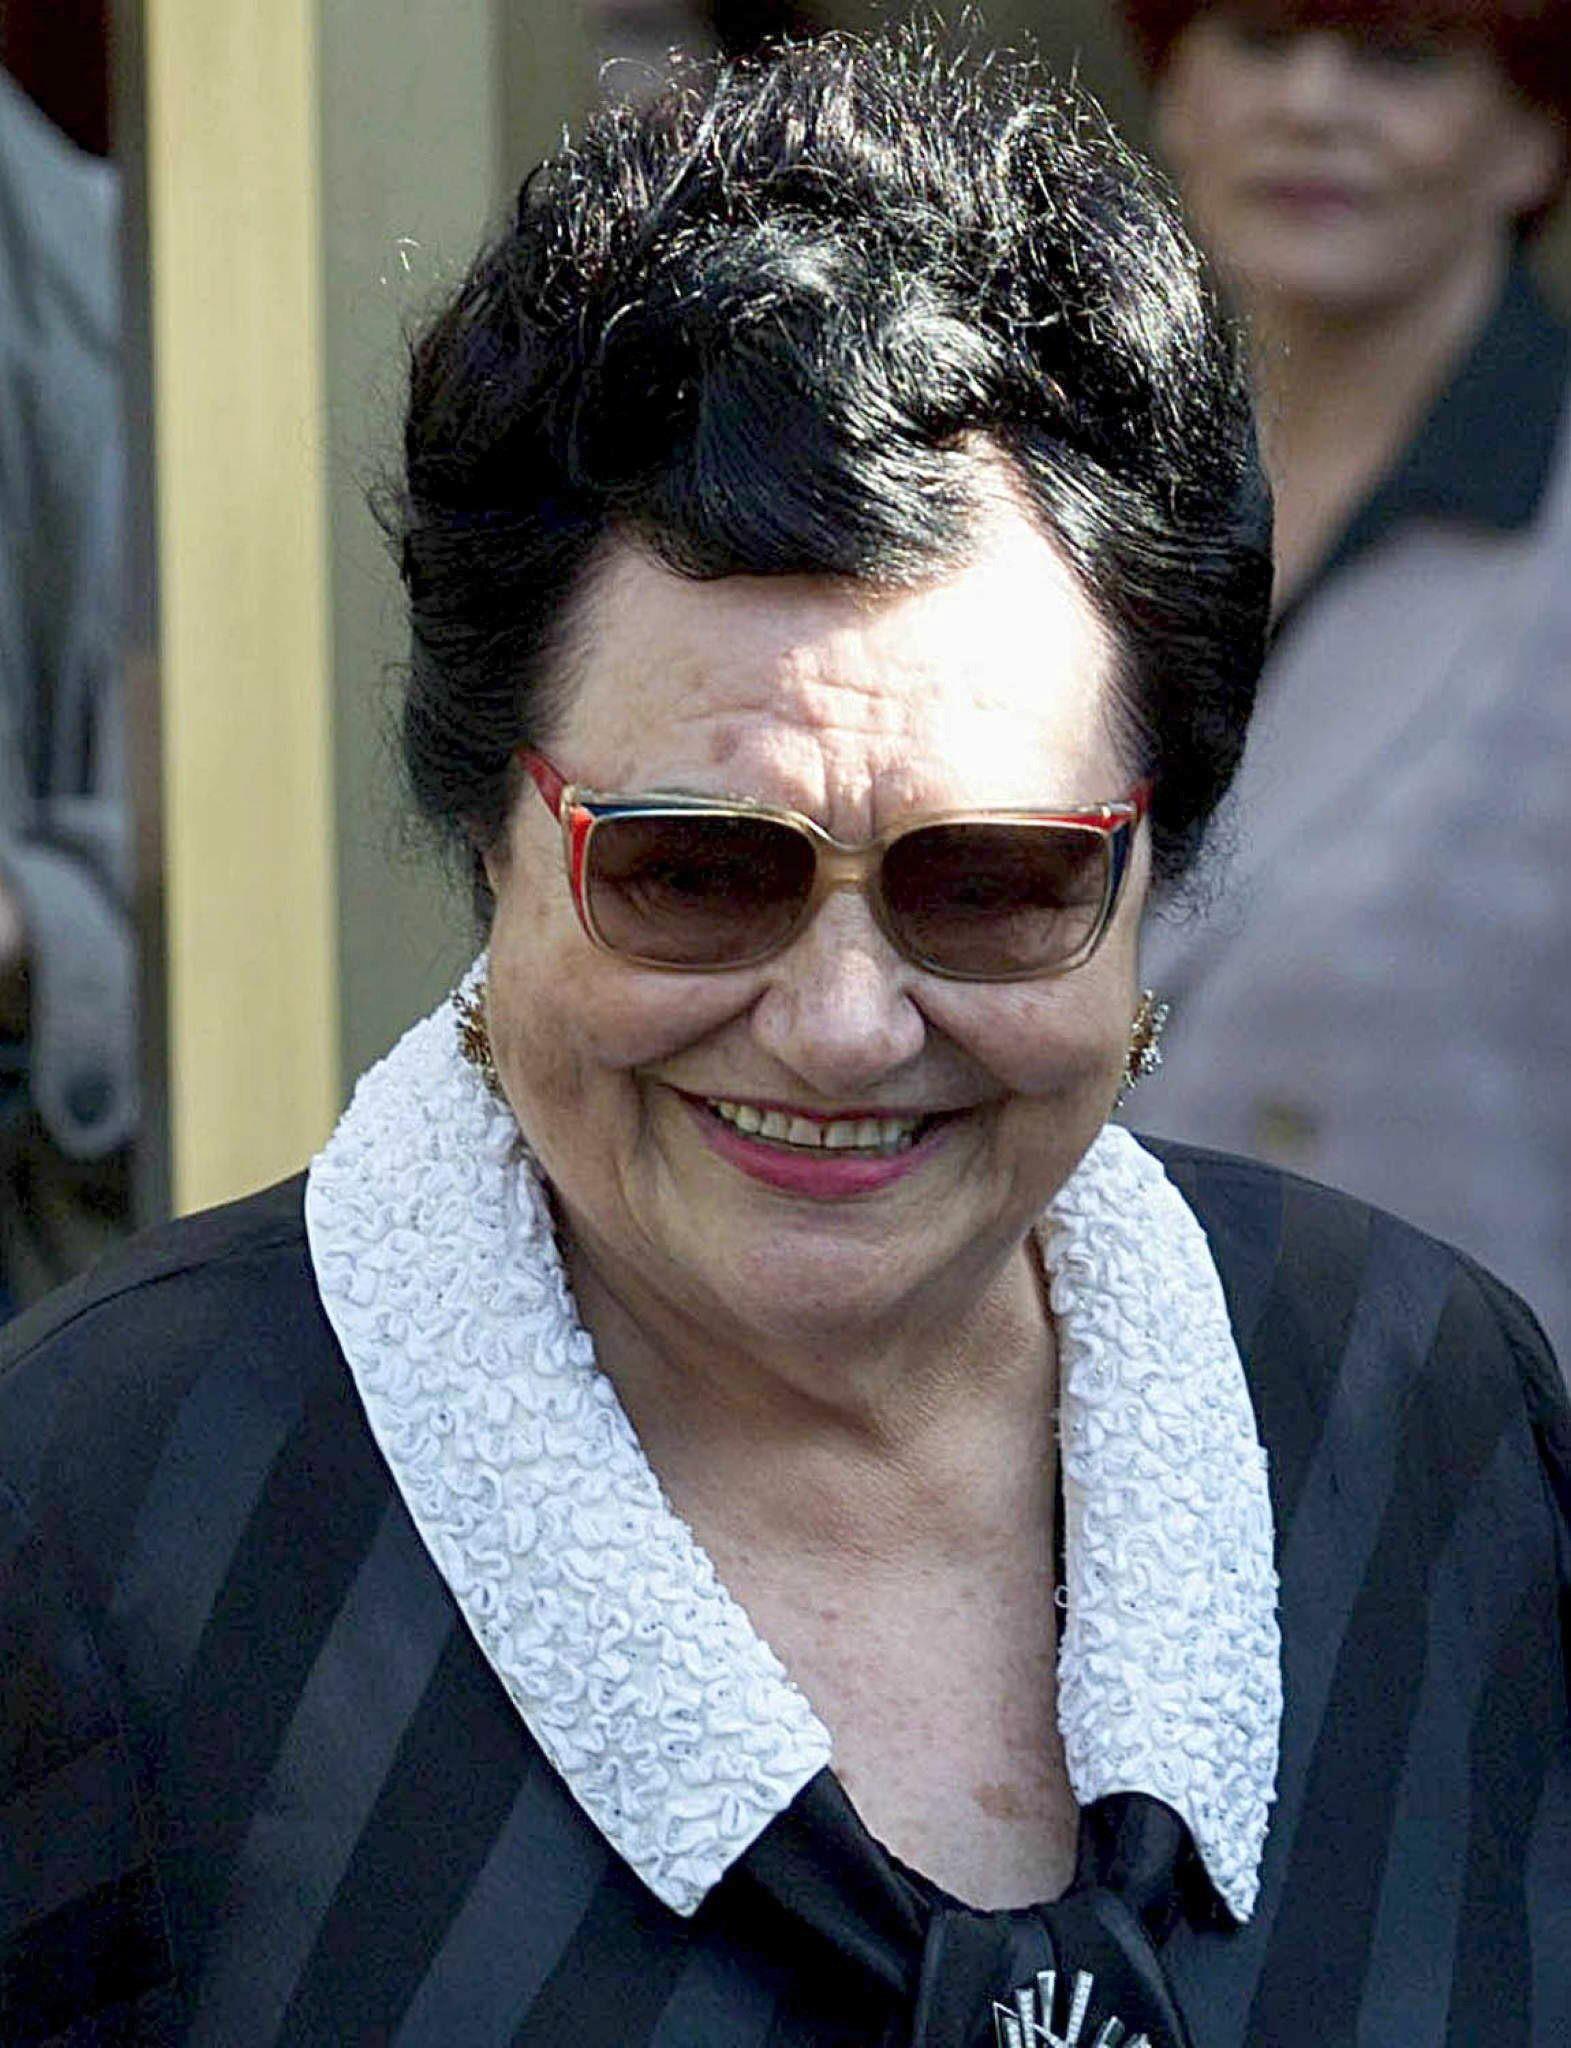 La esposa de Tito será enterrada en Serbia con honores militares